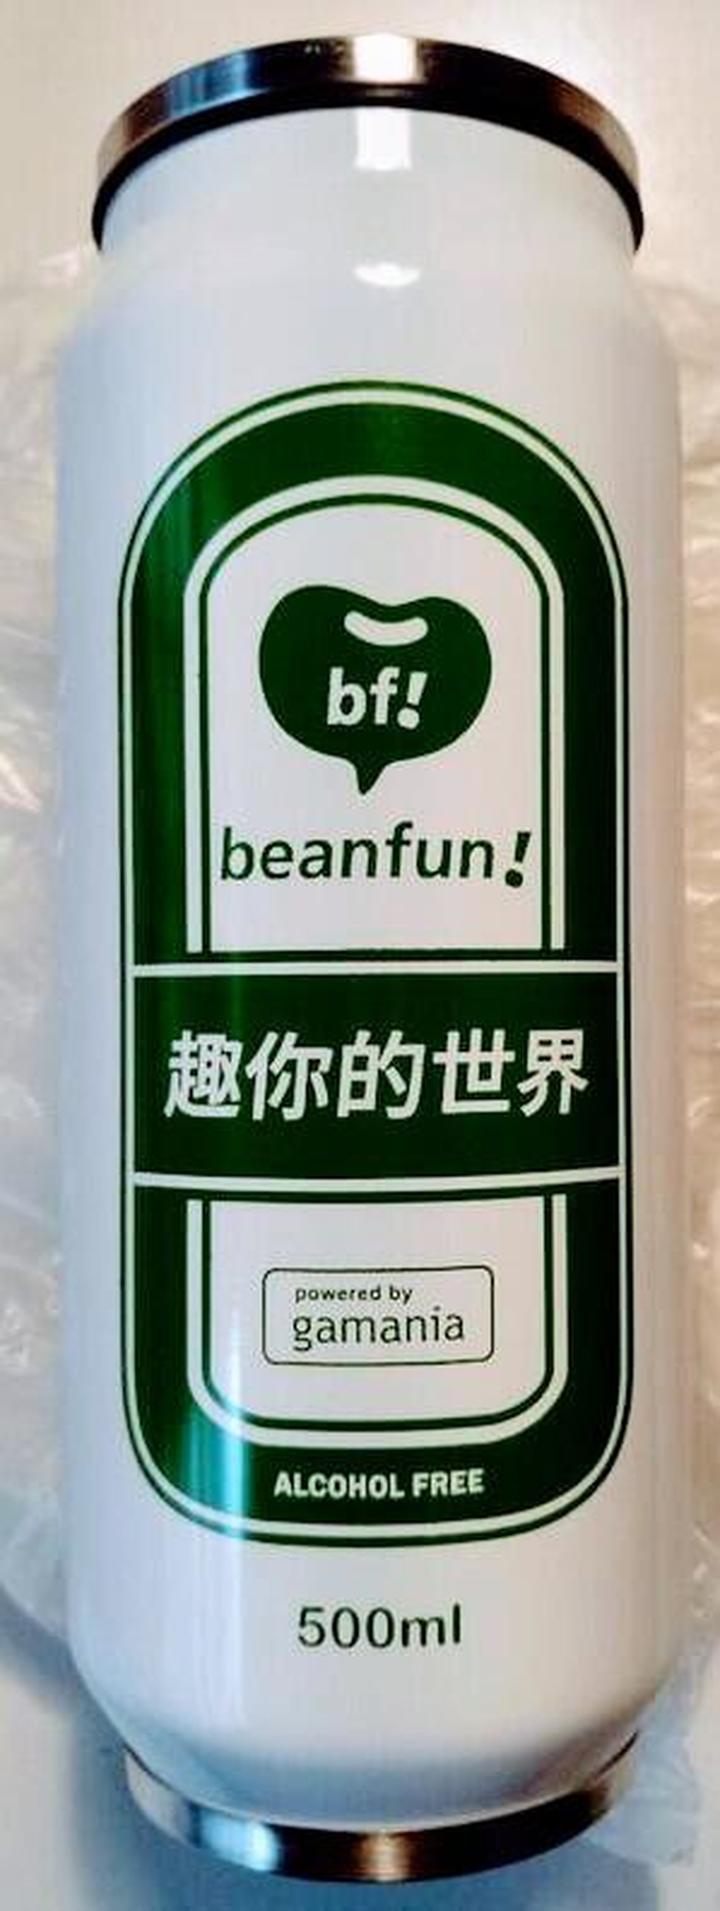 (全新) Beanfun 保溫瓶 保冰瓶 500ml 吸管